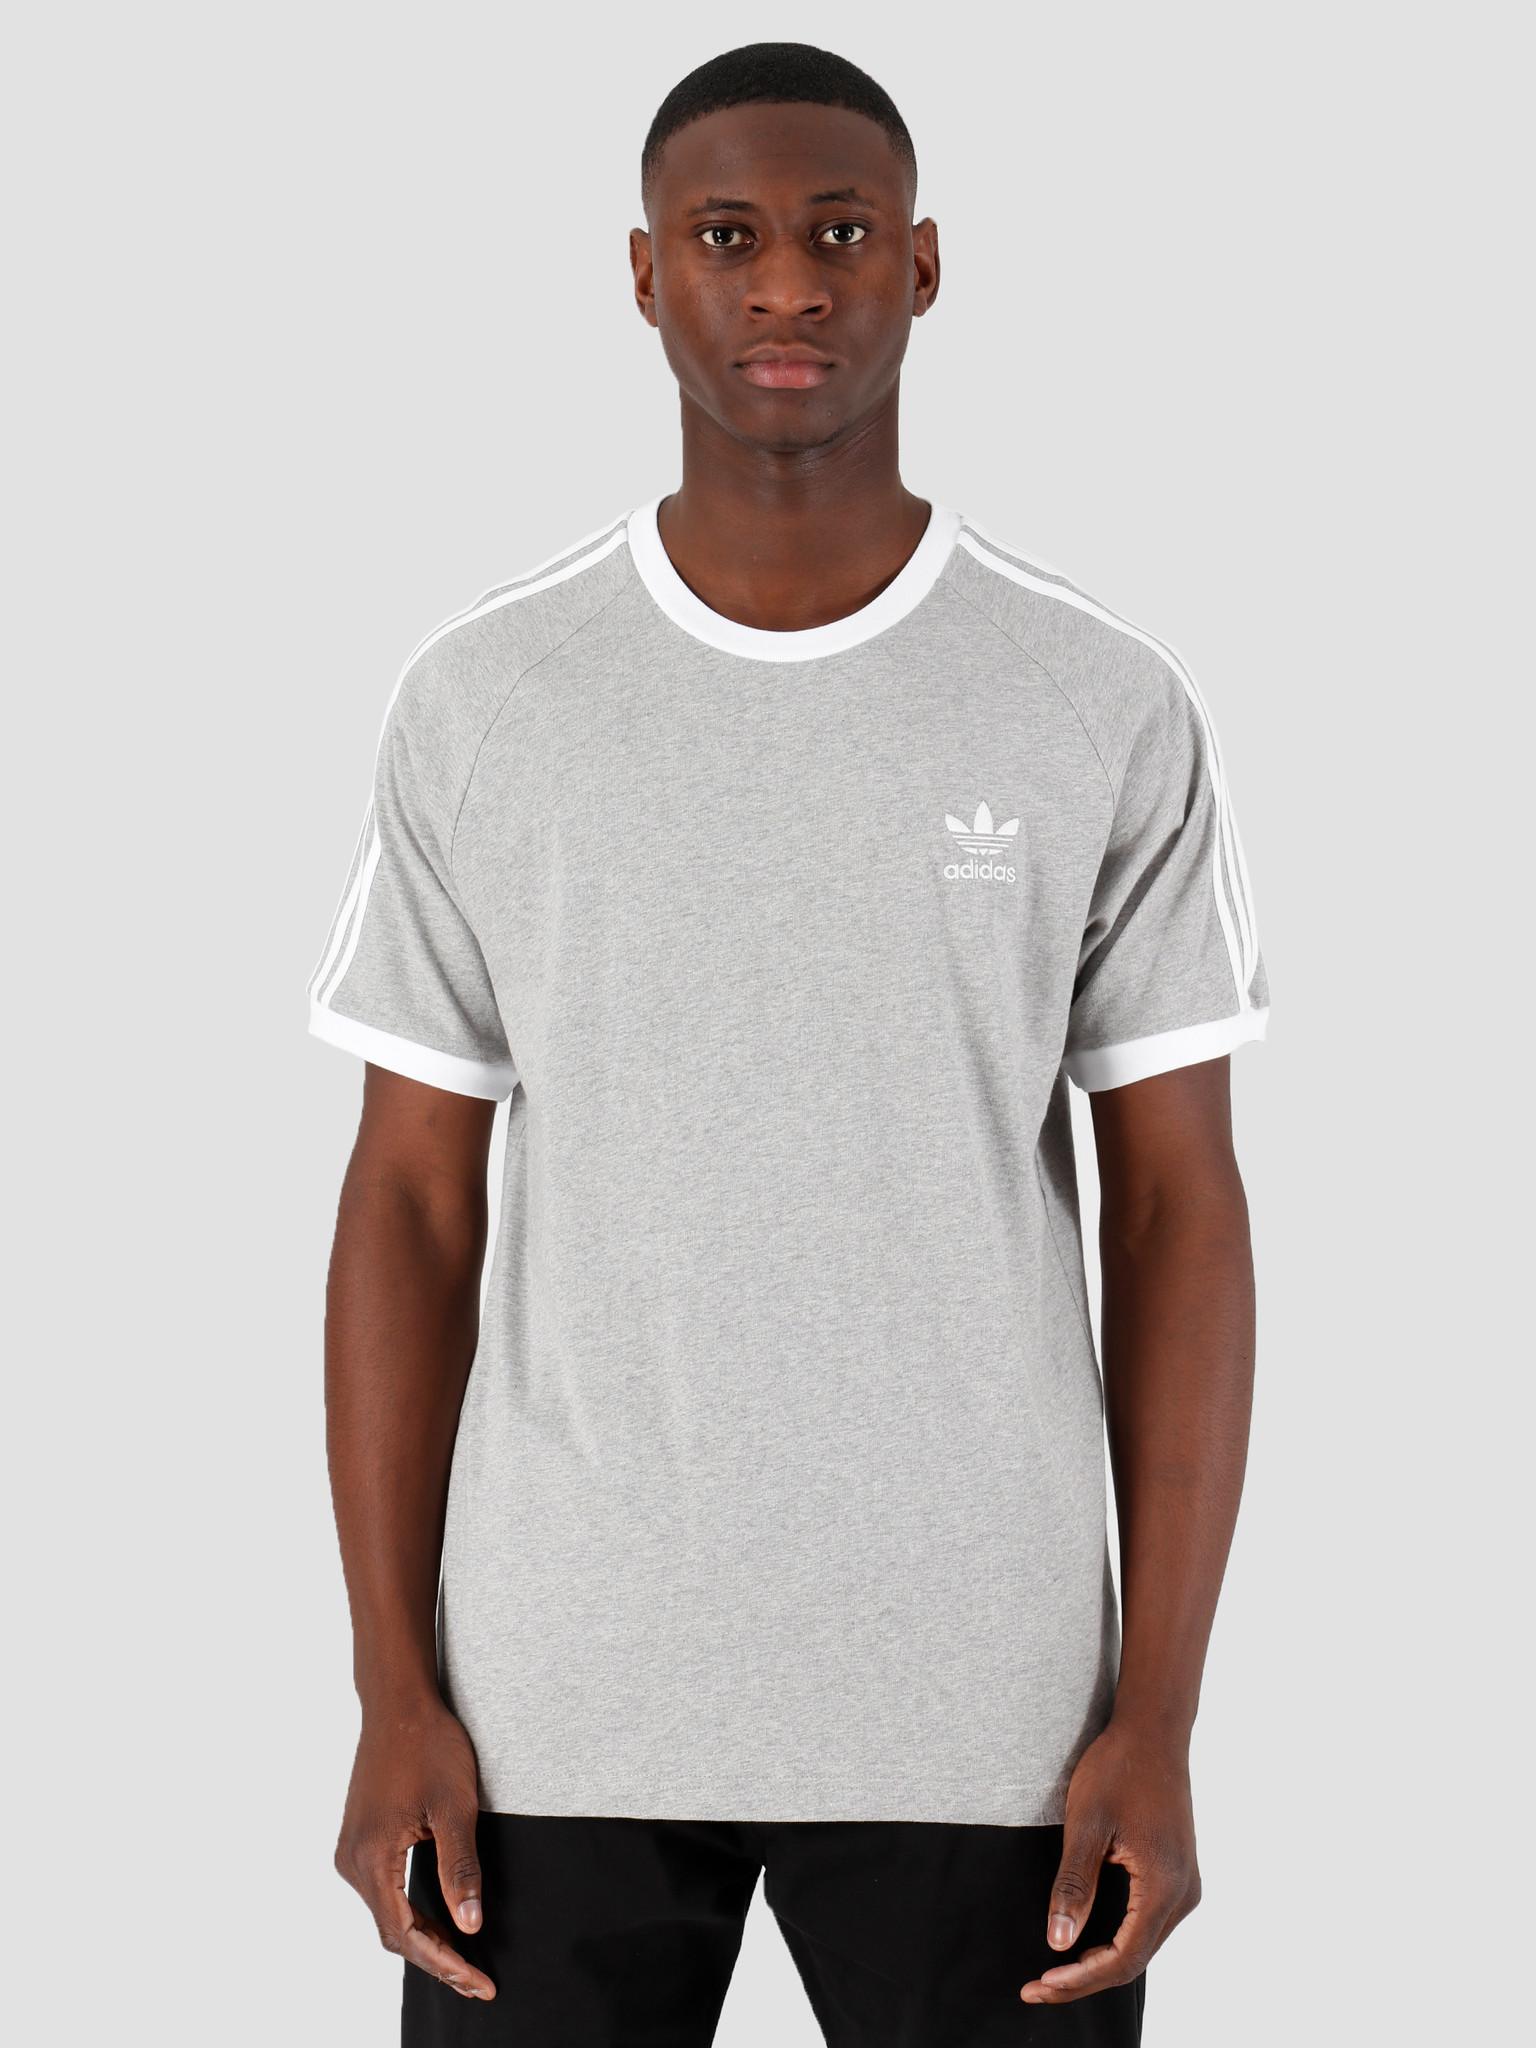 adidas adidas 3-Stripes Tee Grey Heather FM3769